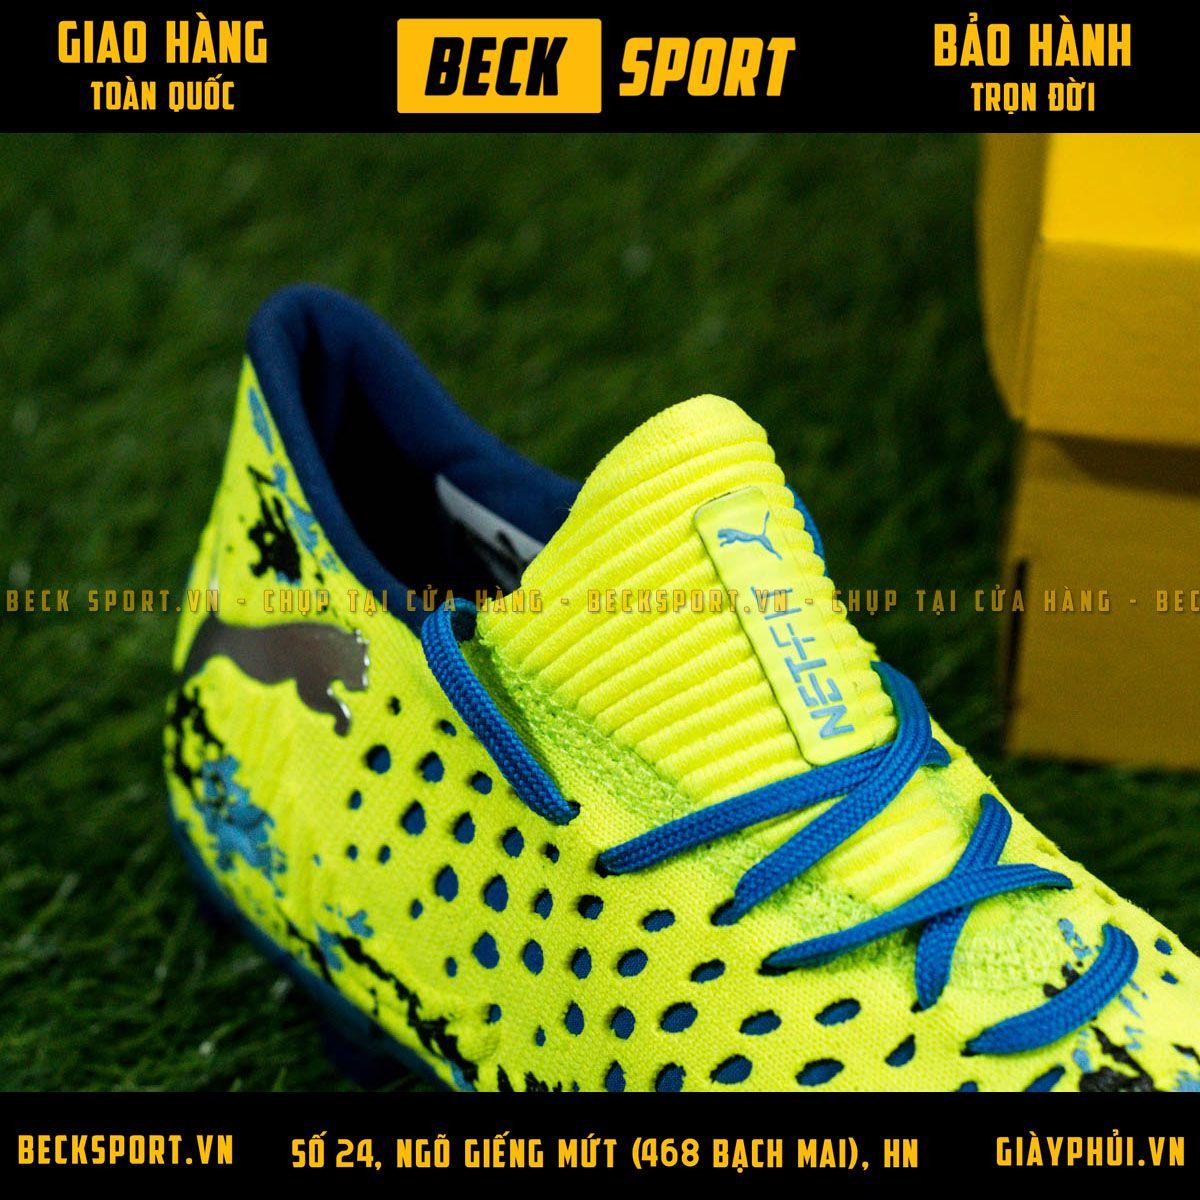 Giày Bóng Đá Puma Future 19.1 Nõn Chuối Đế Xanh Biển Cổ Chun FG